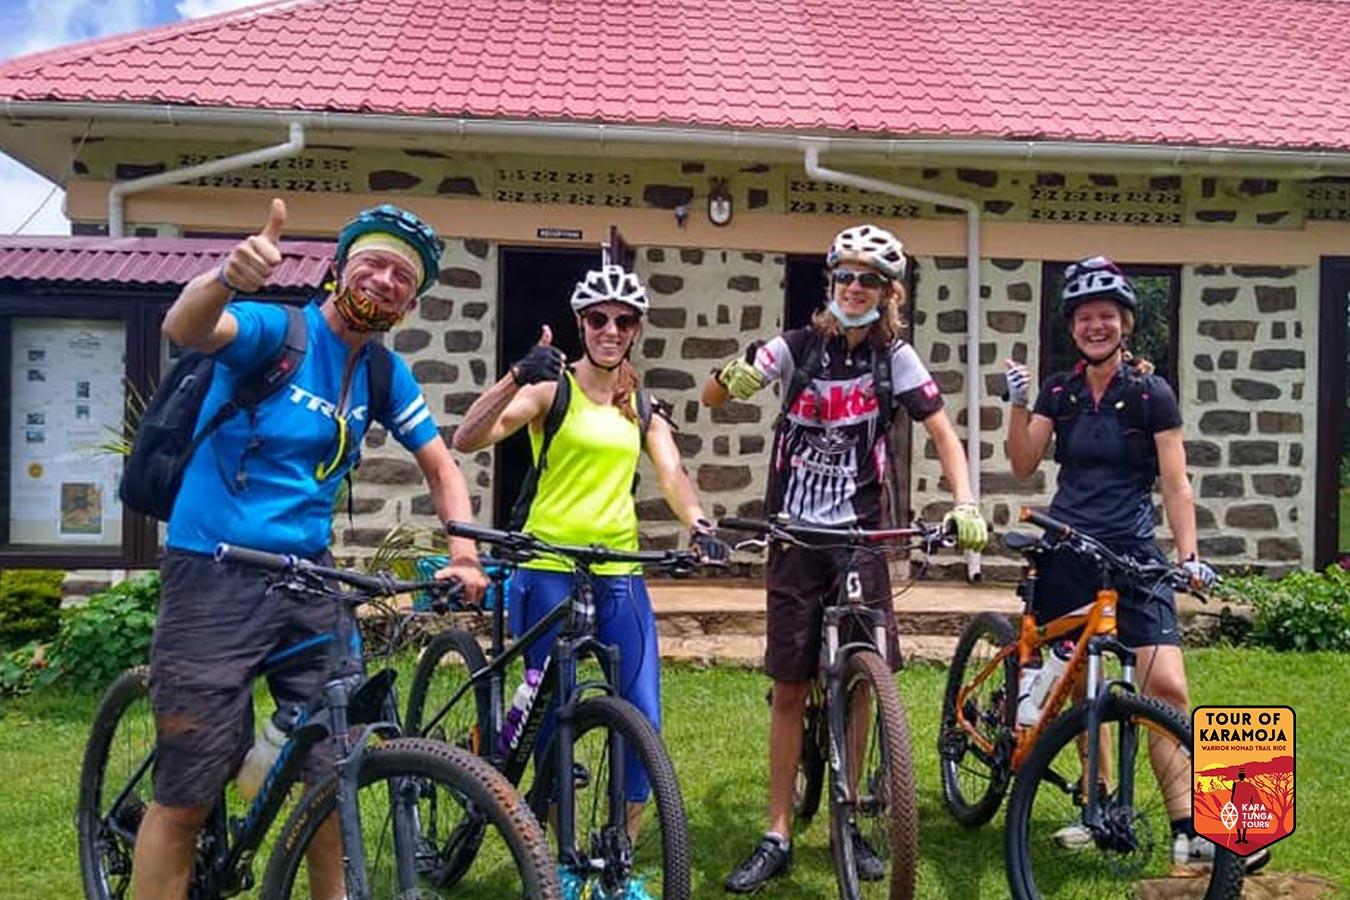 kara-tunga-tour-of-karamoja-2020-bike-event-uganda-carina-8